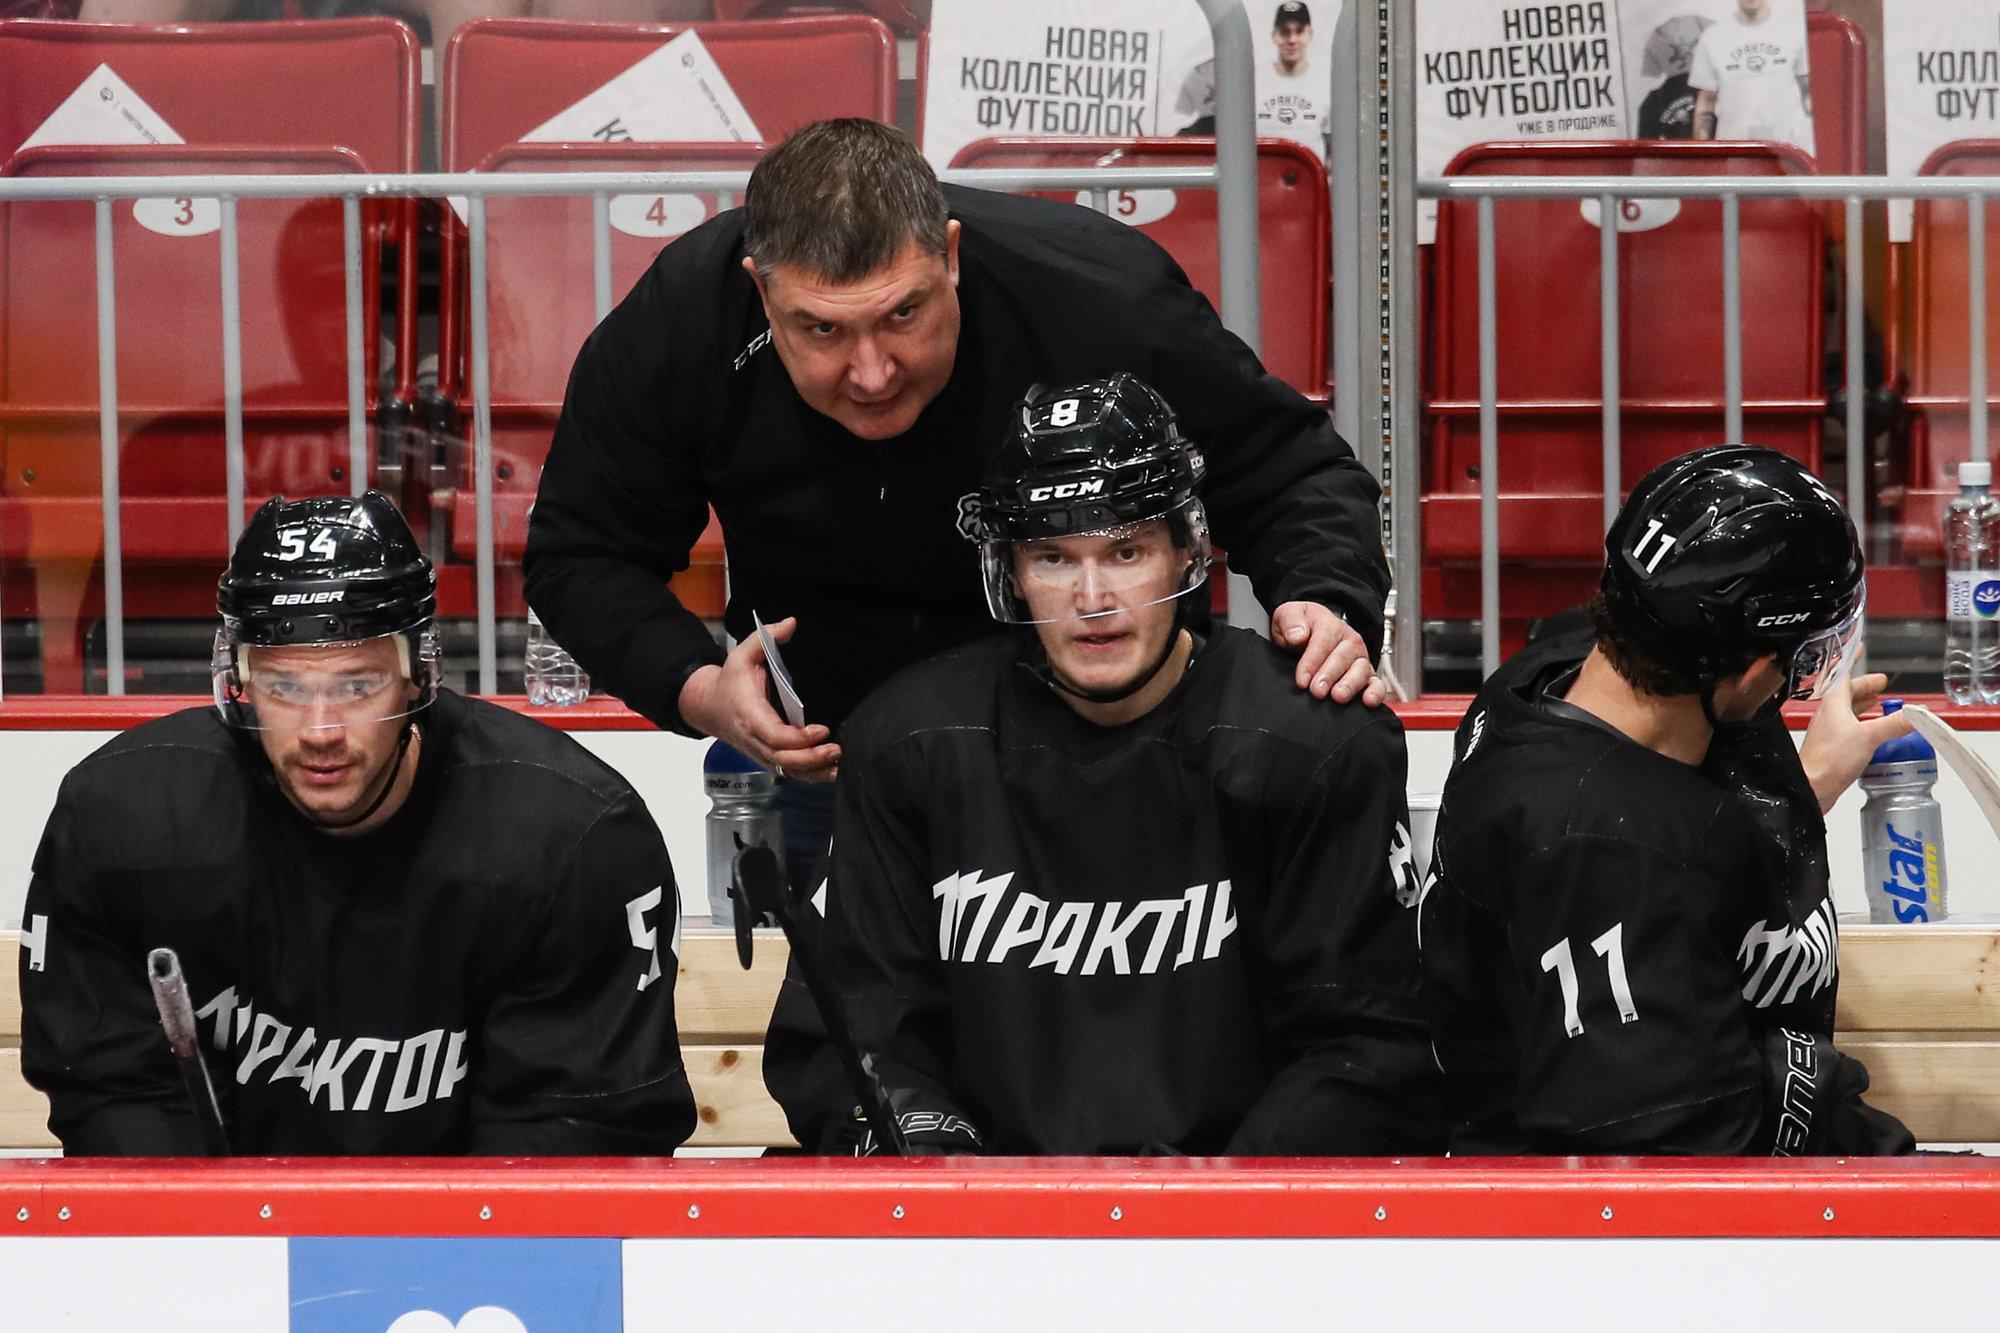 В «Тракторе» заявили, что КХЛ еще не утвердила «антиковидный» регламент